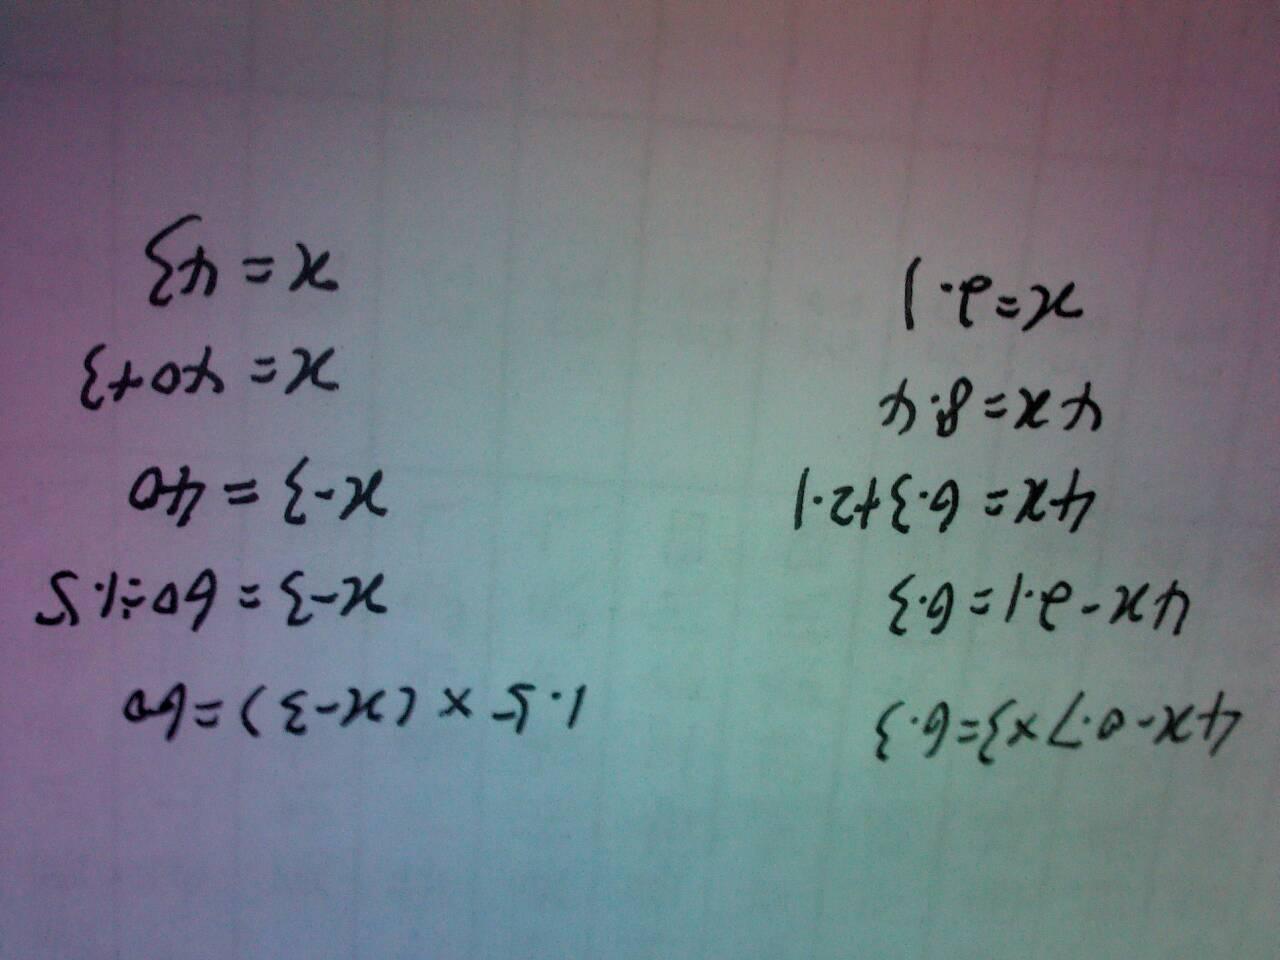 五年级数学题50道解方程50个应用题要有答案的谢谢你们了!图片